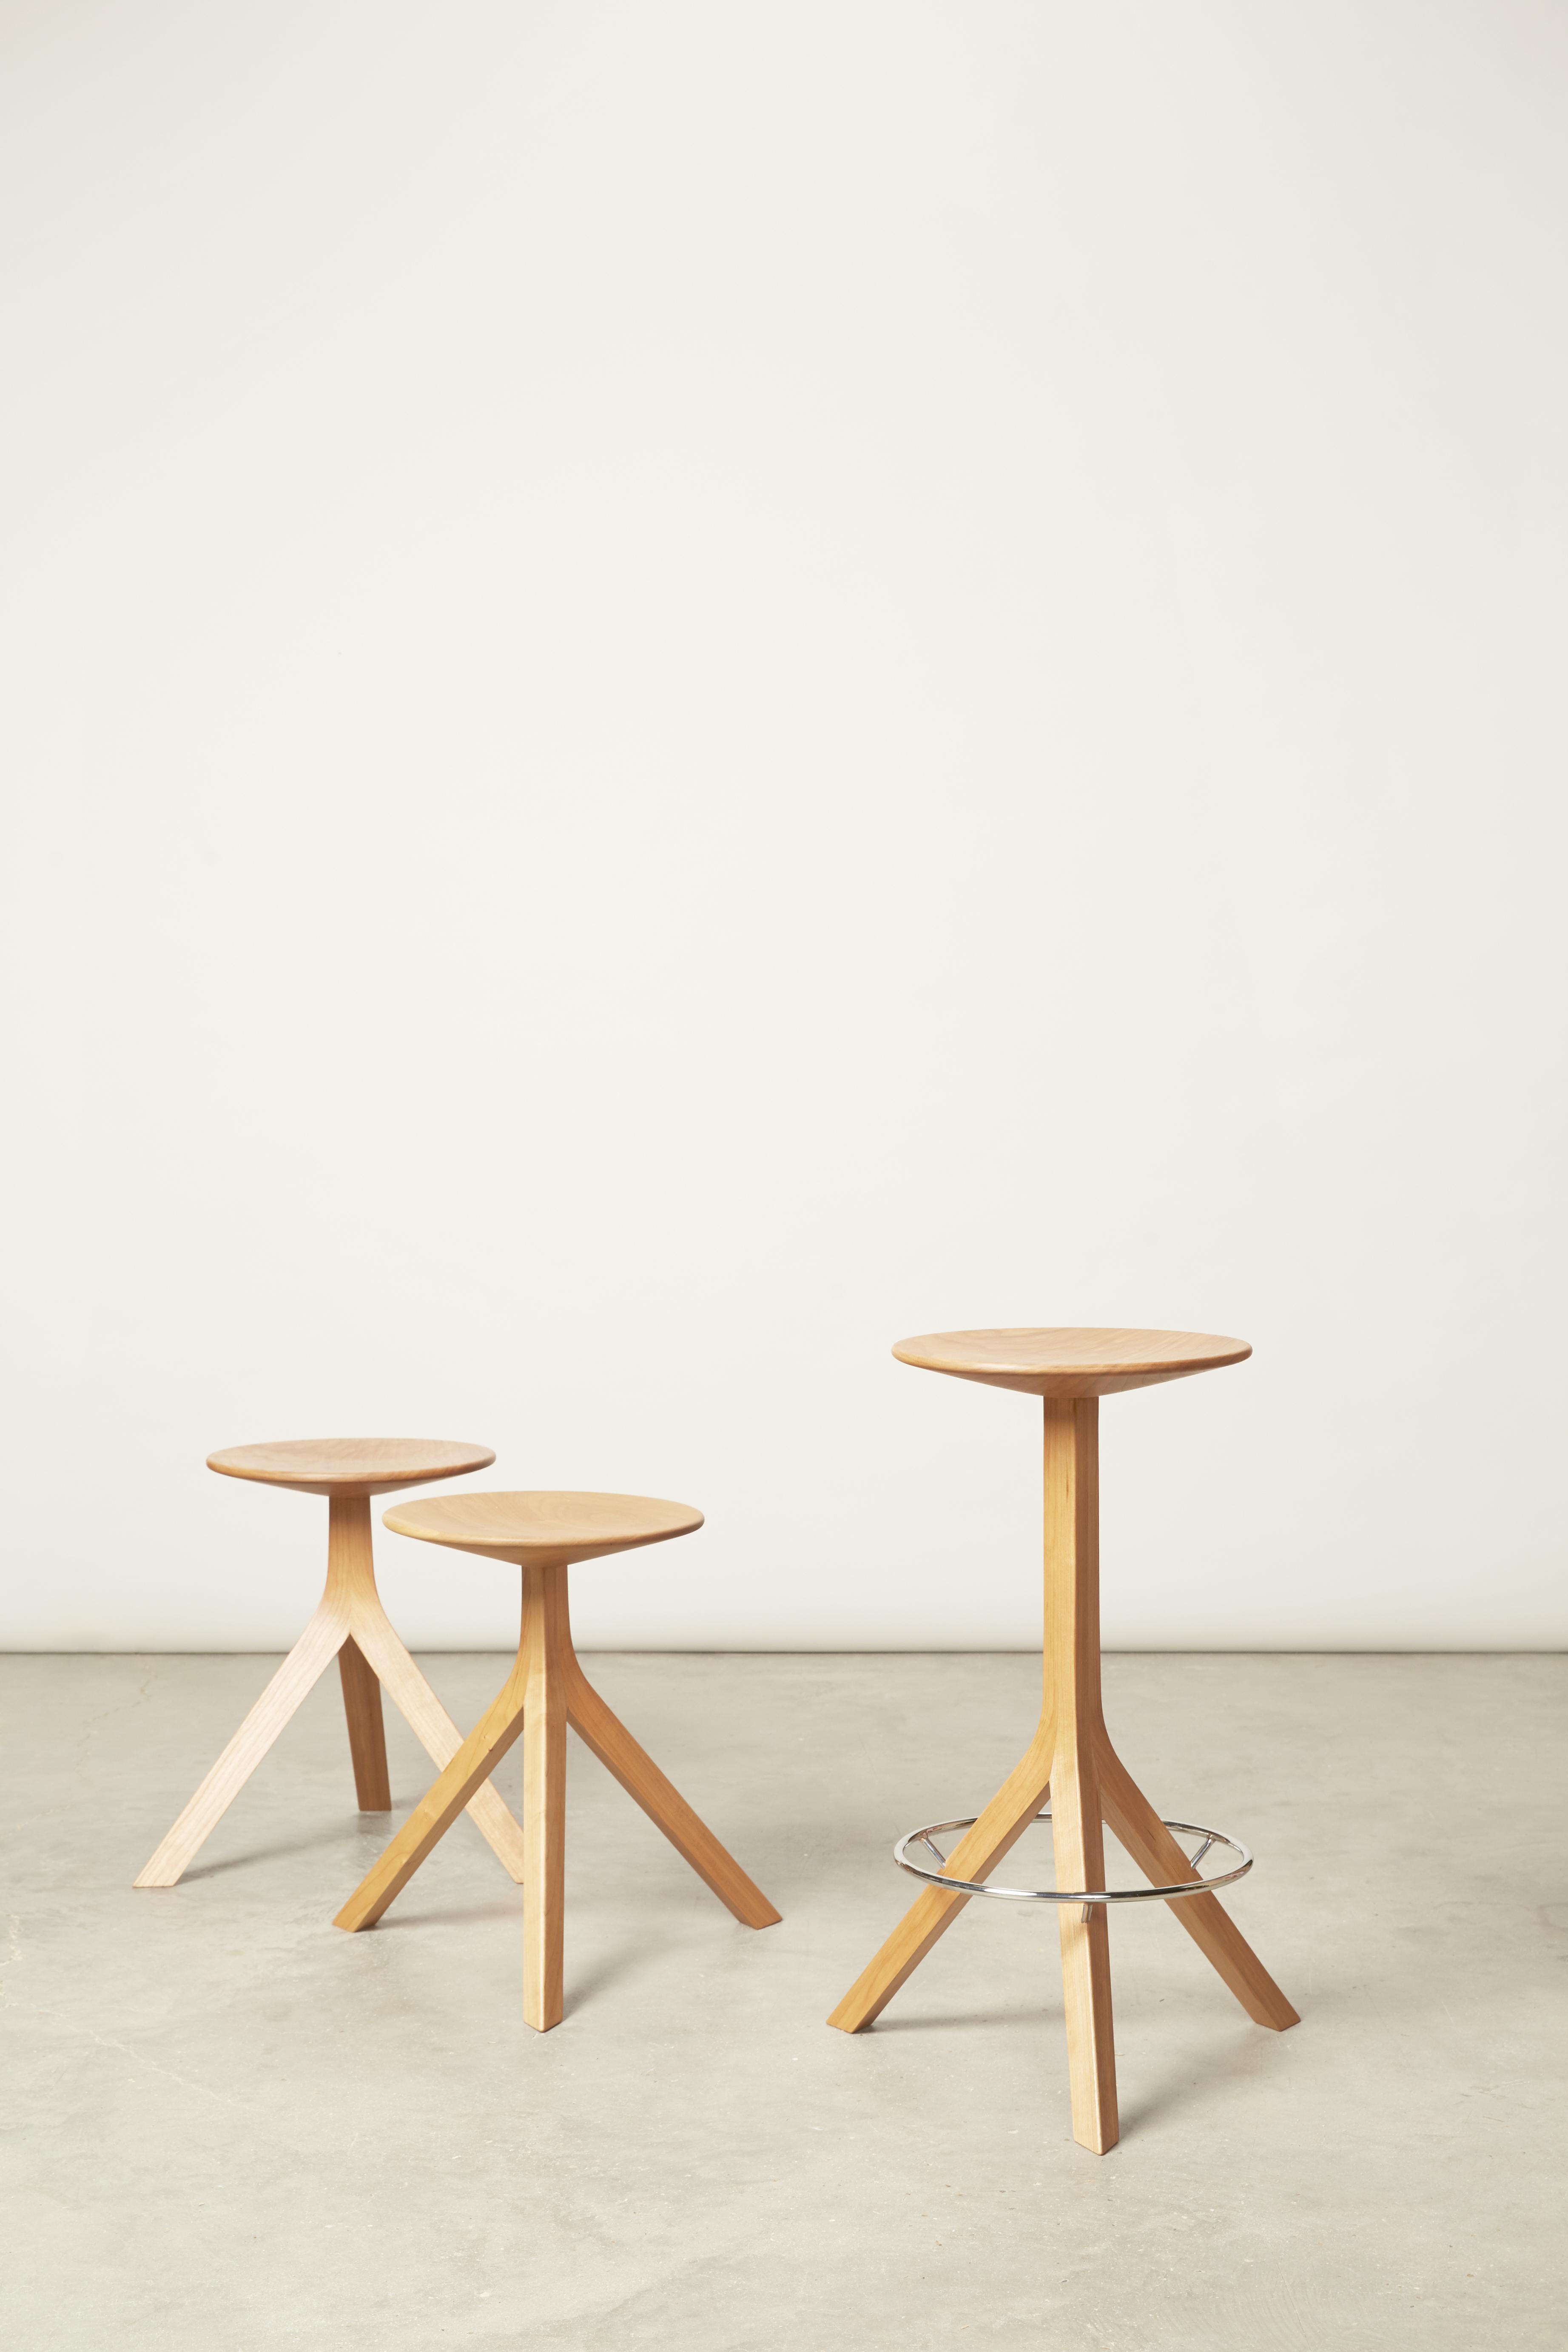 Houten 3 Poot Krukje.Design Van De Week Ultieme Kruk Door Alison Brooks En Felix